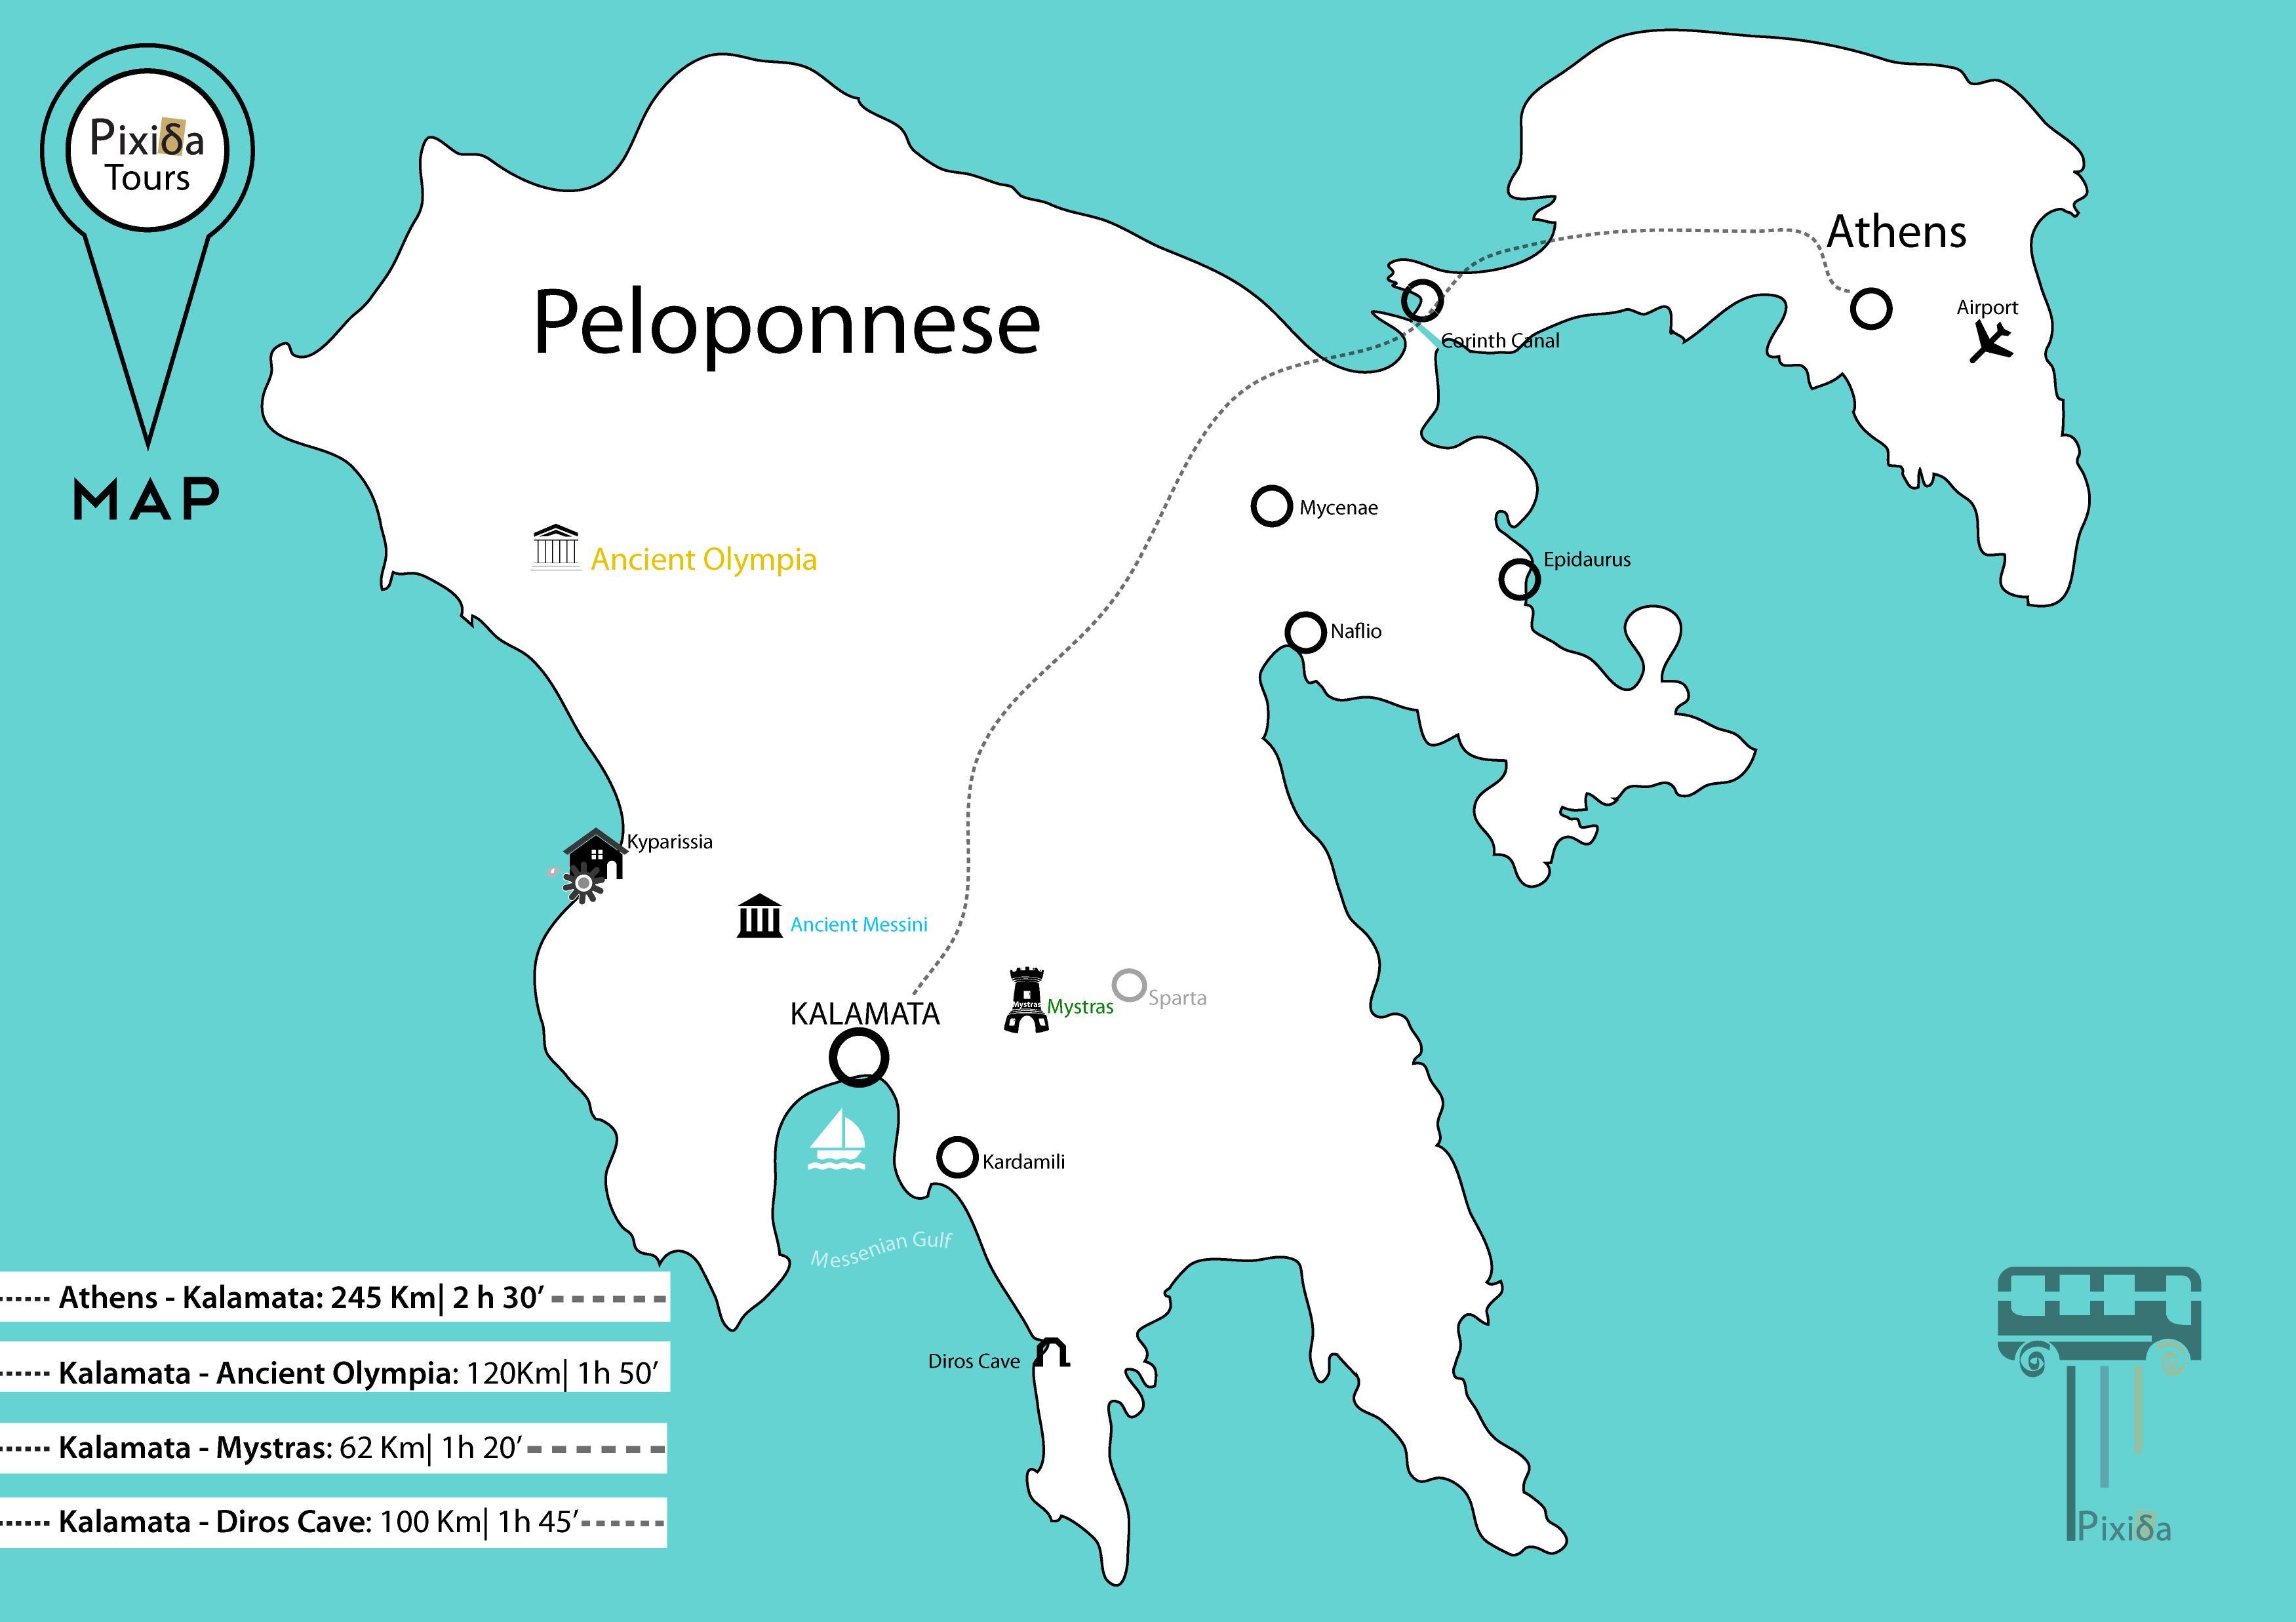 Griechenland Peloponnes Karte Deutsch.Peloponnes Das Antike Griechenland Karte Karte Von Griechenland